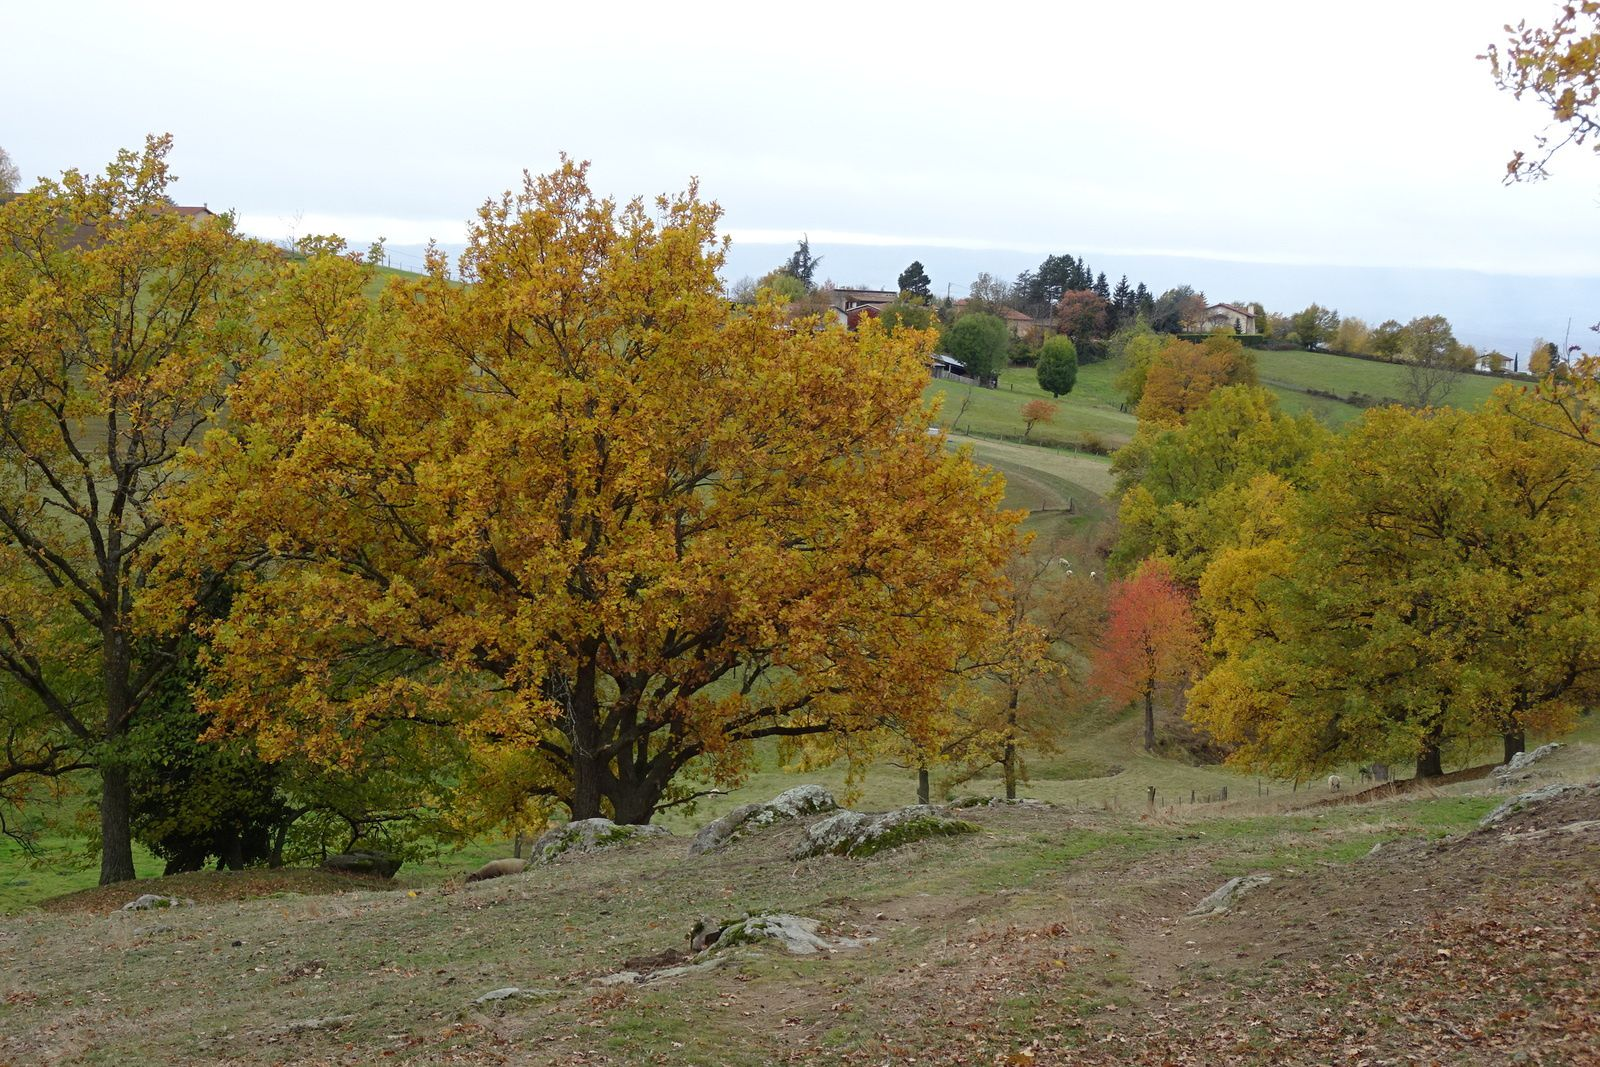 Je voulais pousser jusqu'à Fontanès mais je redescends par les bois de la Fouillouse et de François Premier, je me serai aérée et c'est l'essentiel.